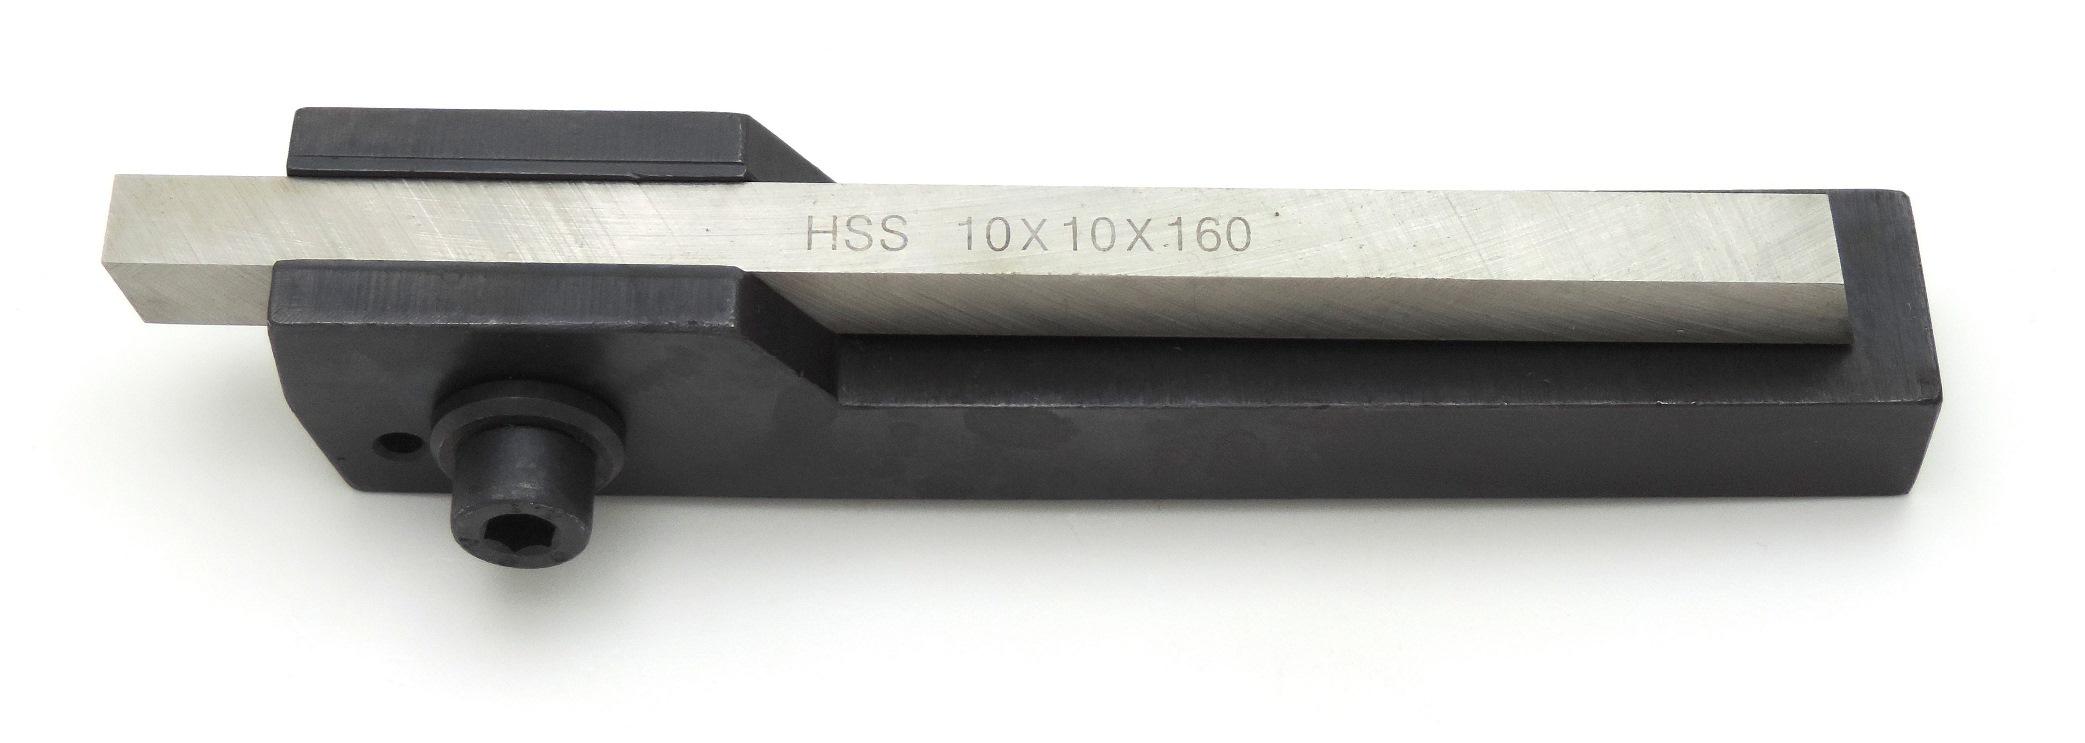 Otočný nôž na HSS 10mm oceľové nože